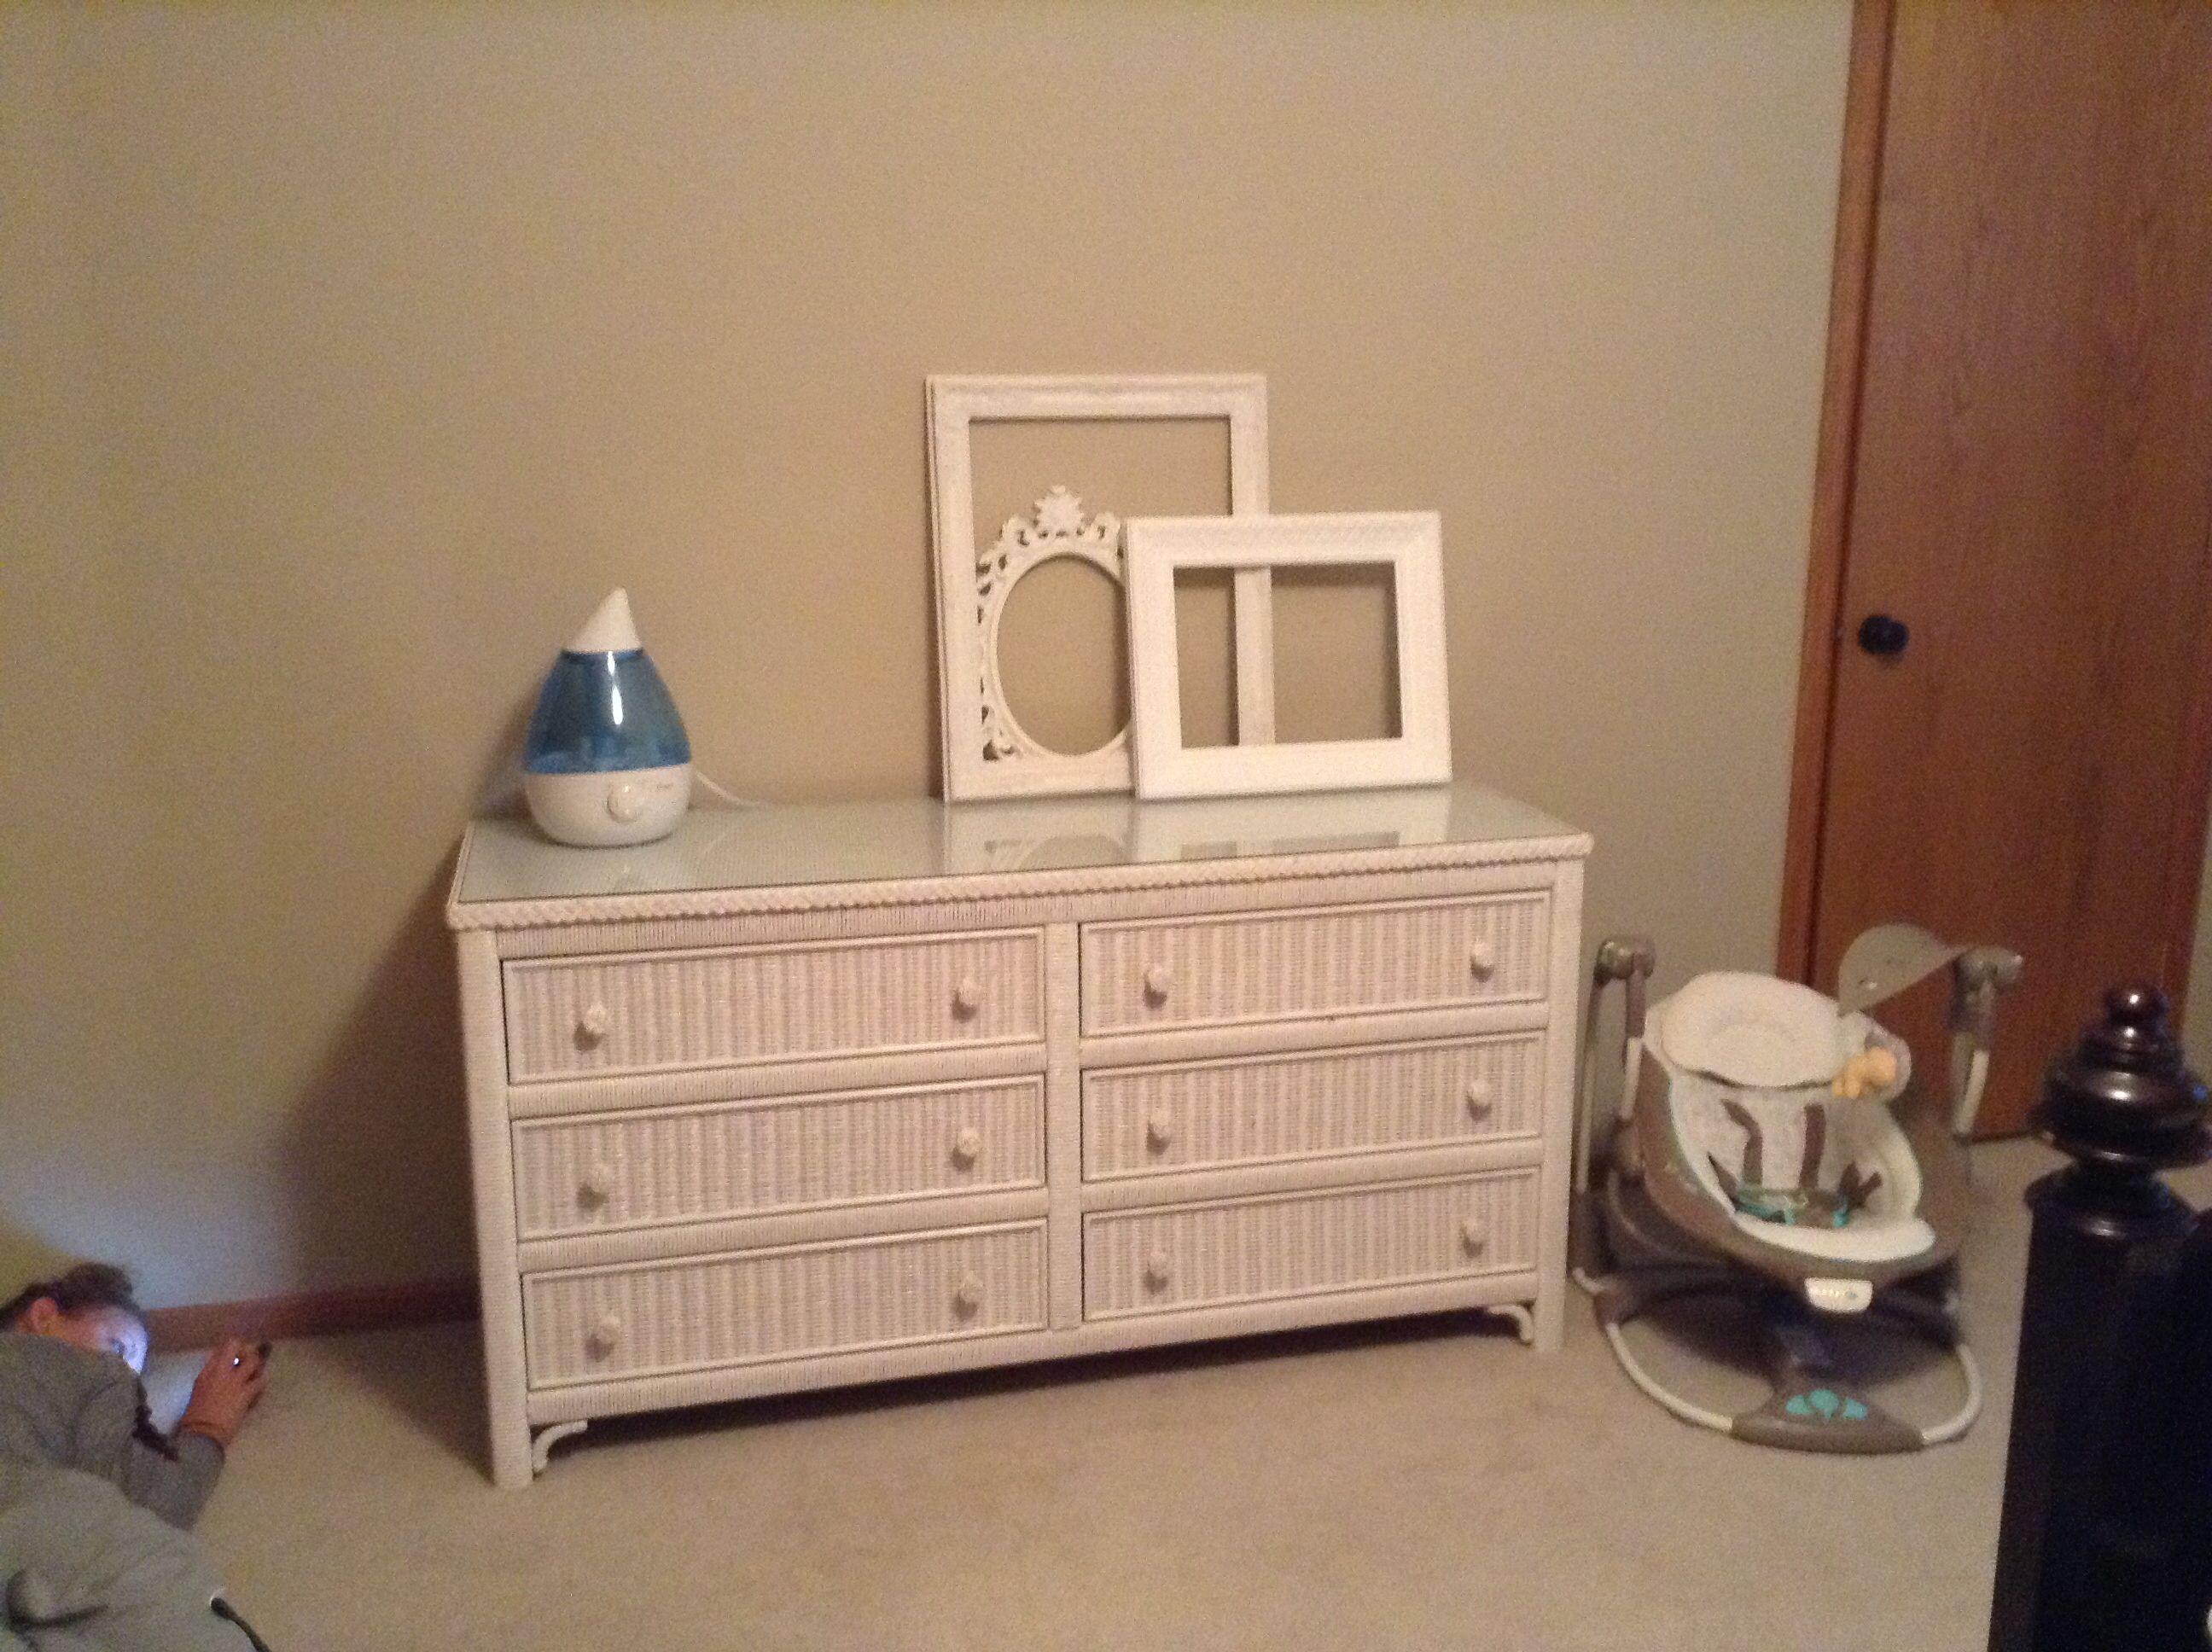 White Wicker Dresser 40 Craigslist Wicker Dresser White Wicker Home Decor [ 1936 x 2592 Pixel ]